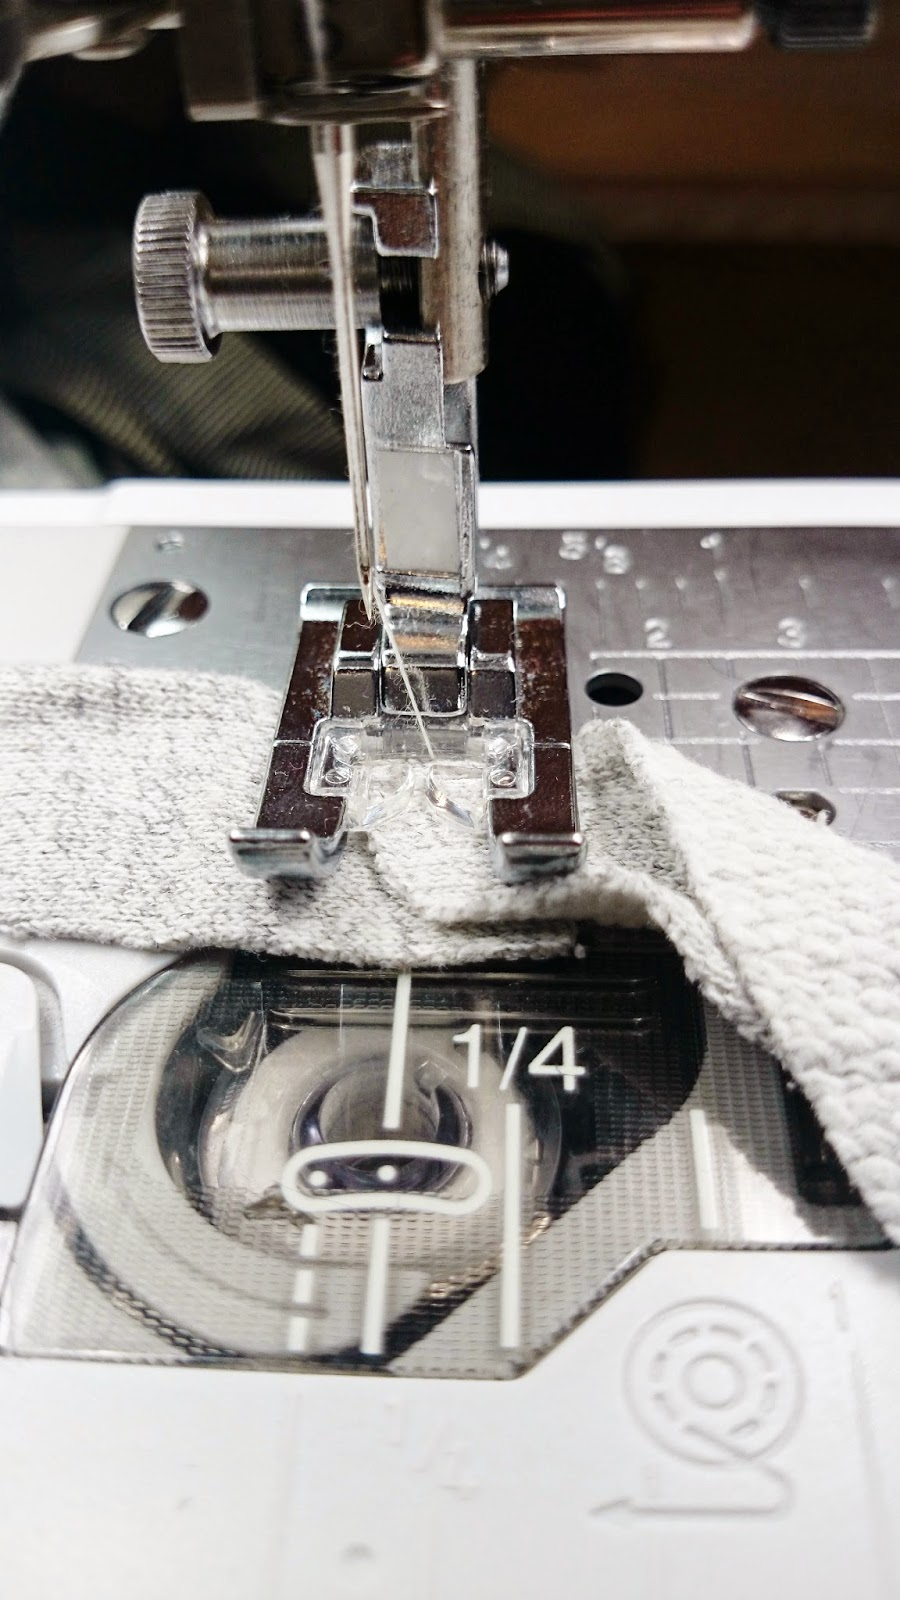 zszywanie dwóch kawałków materiału,blog o szyciu i DIY,jak uszyć dywan,proste projekty dla każdego zrób to sam DIY